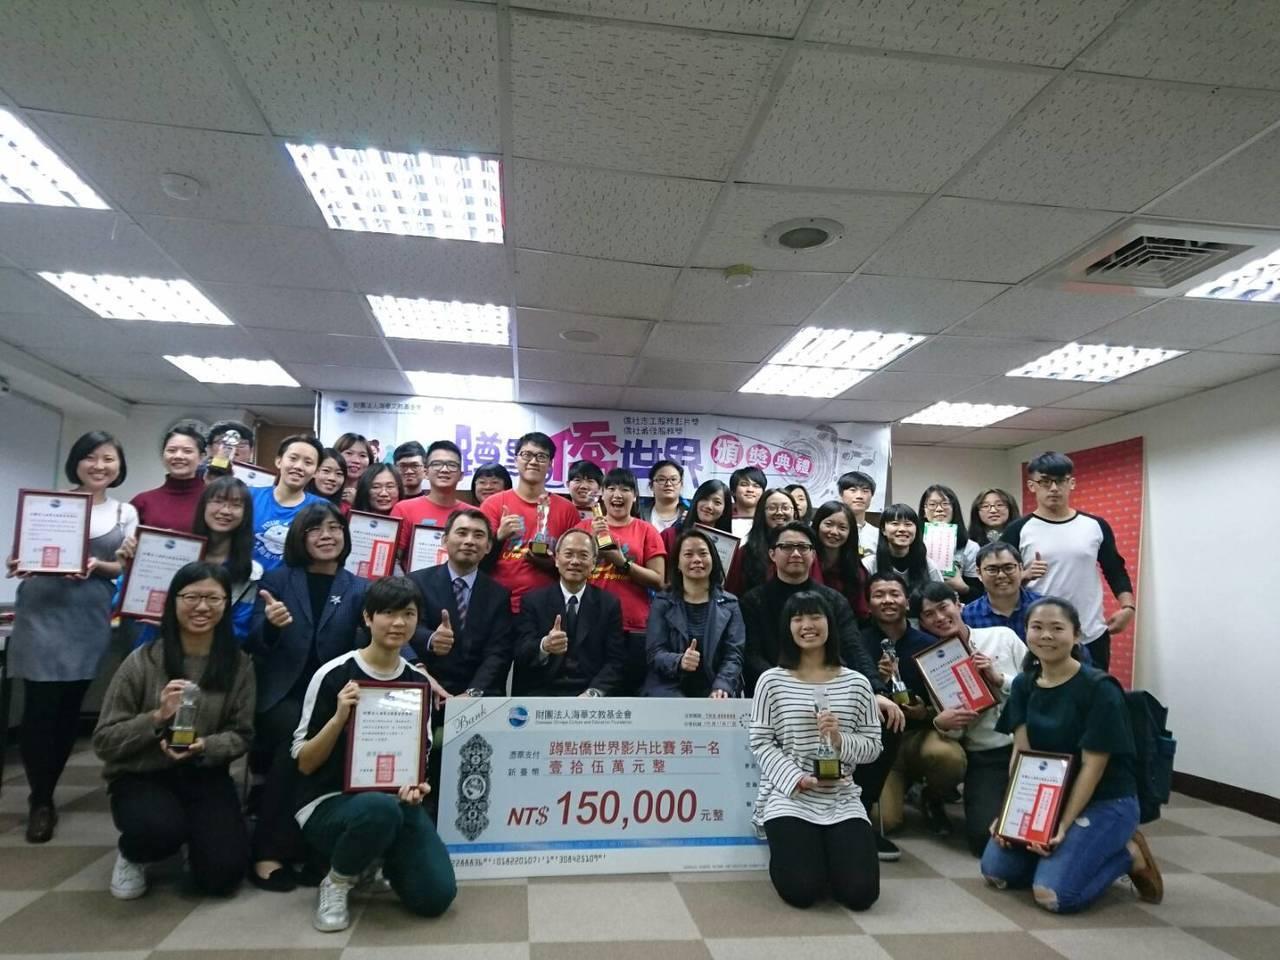 同時獲得影片獎第二名與僑委會服務獎的文化大學國際志工隊,是此次競賽最大贏家。圖/...